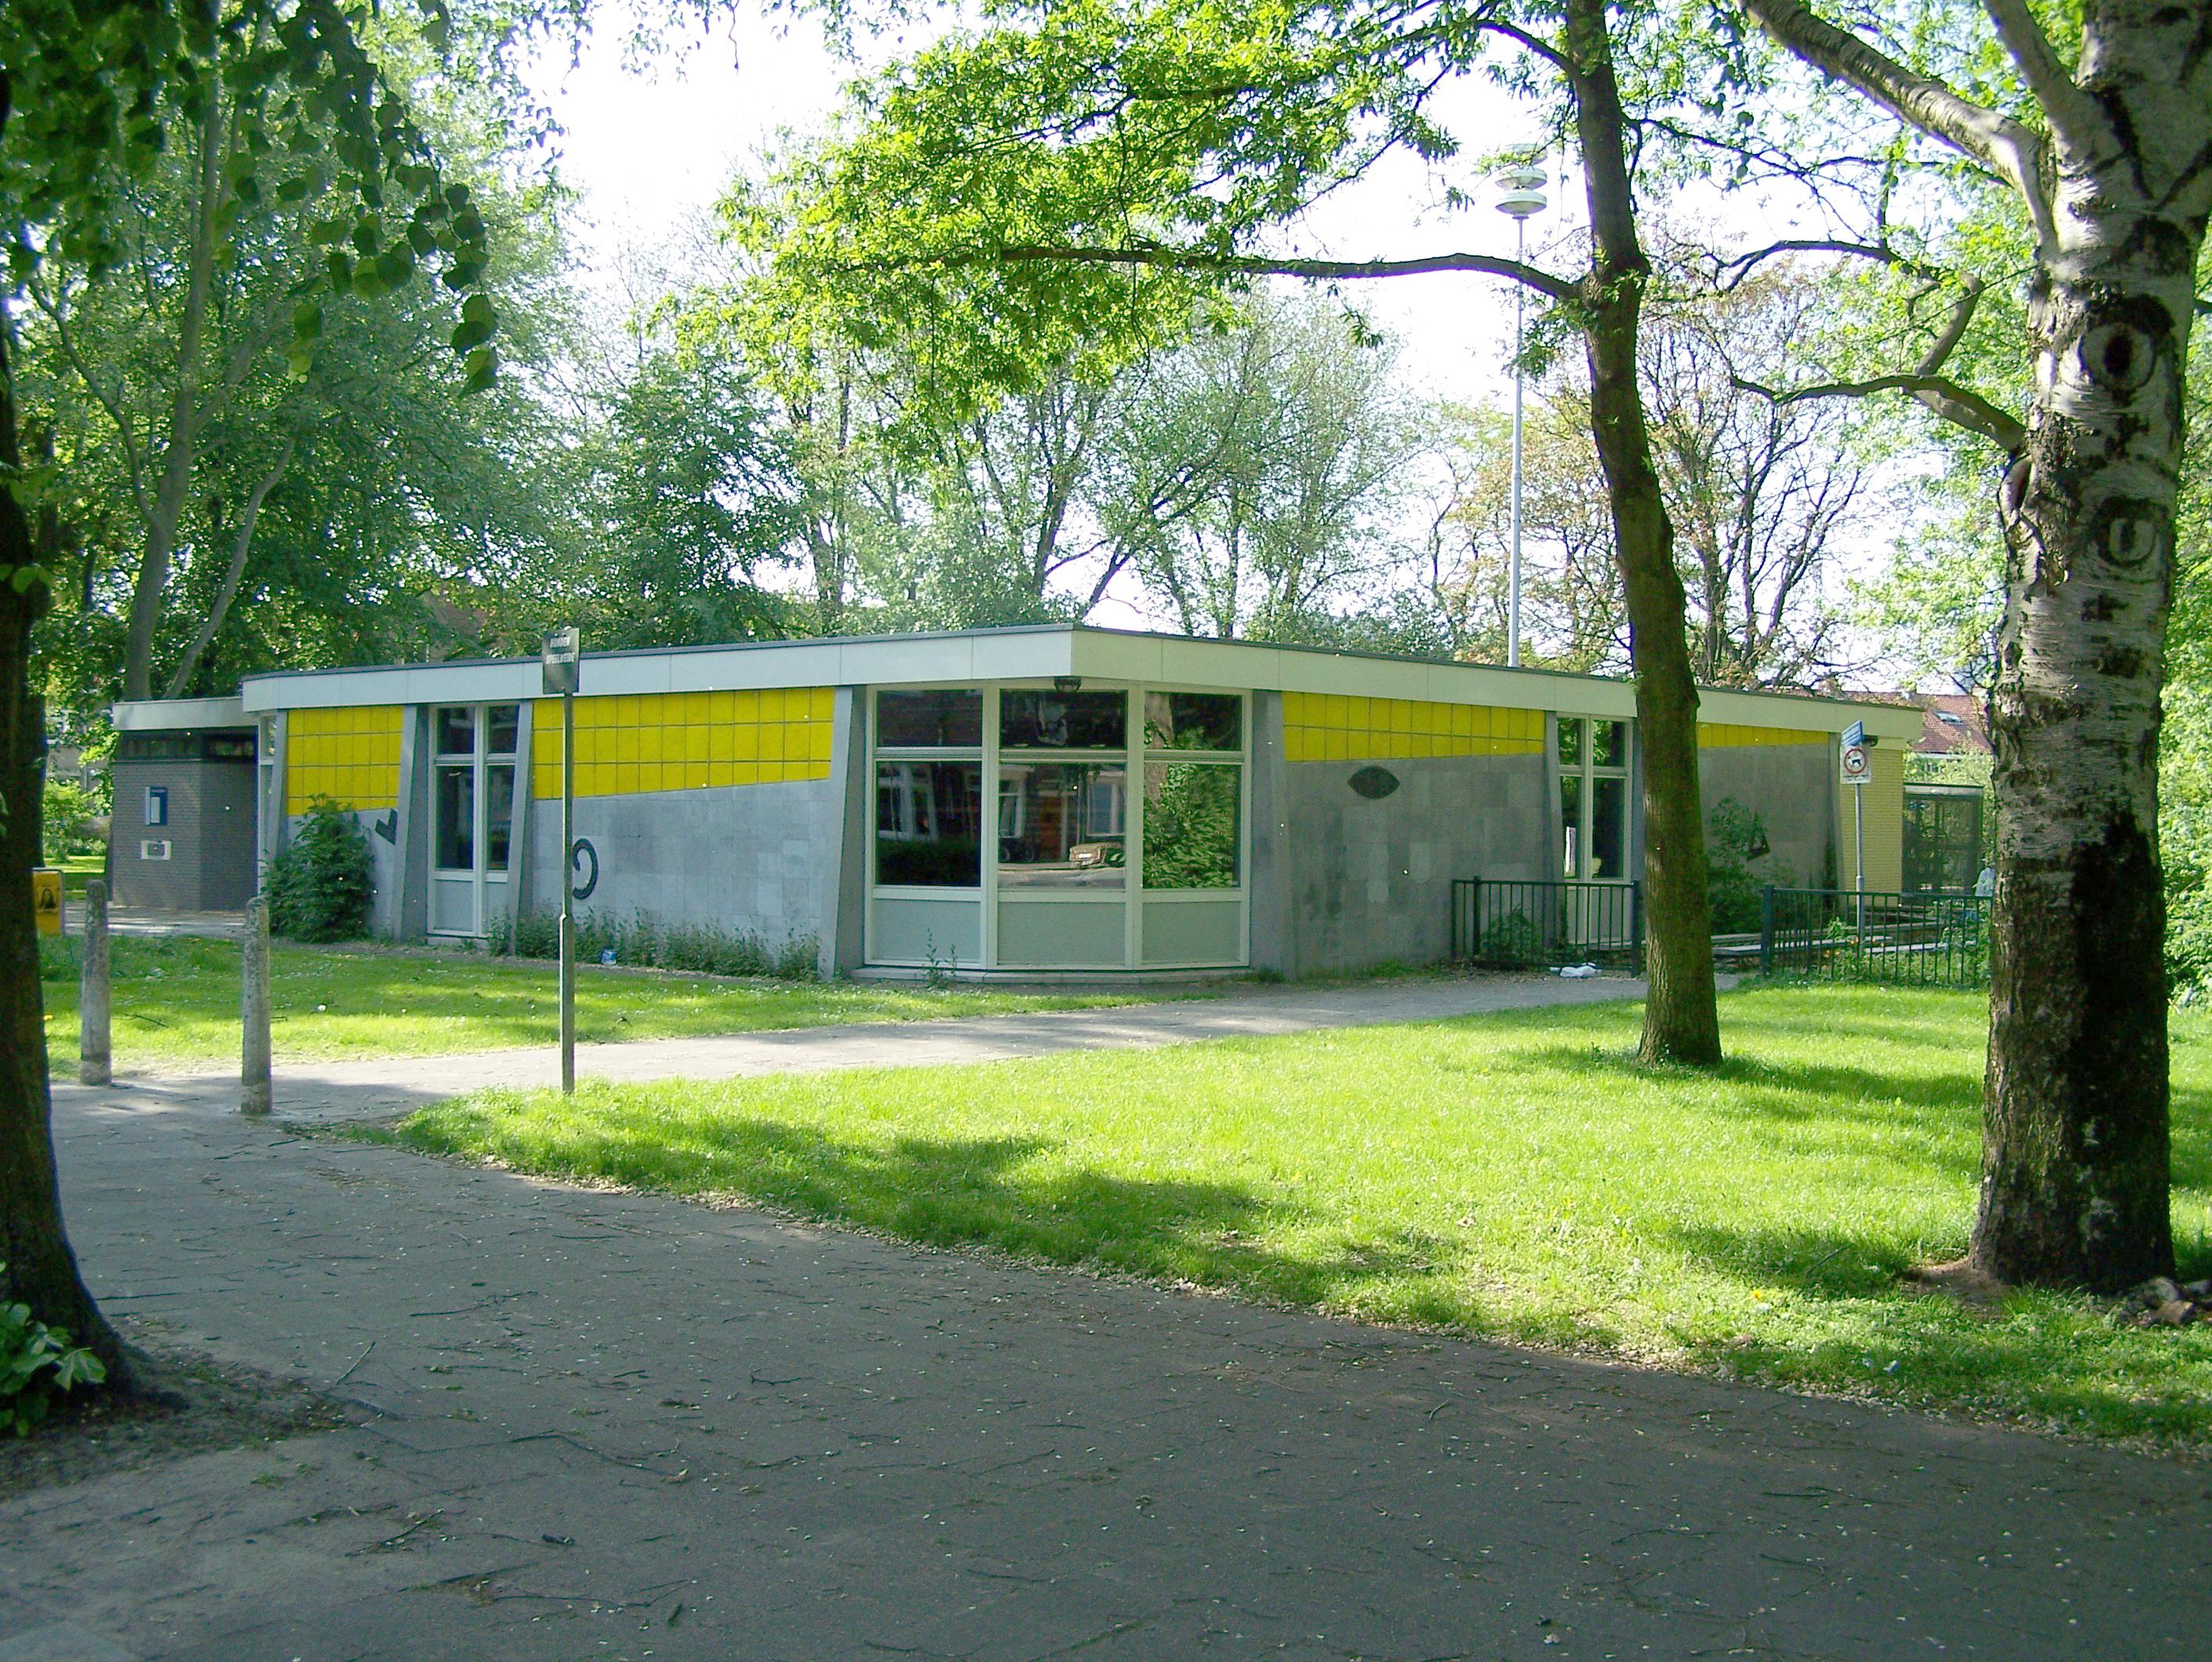 Bibliotheek tuinwijk blijft in tuinwijk sp utrecht - Idee bibliotheek ...